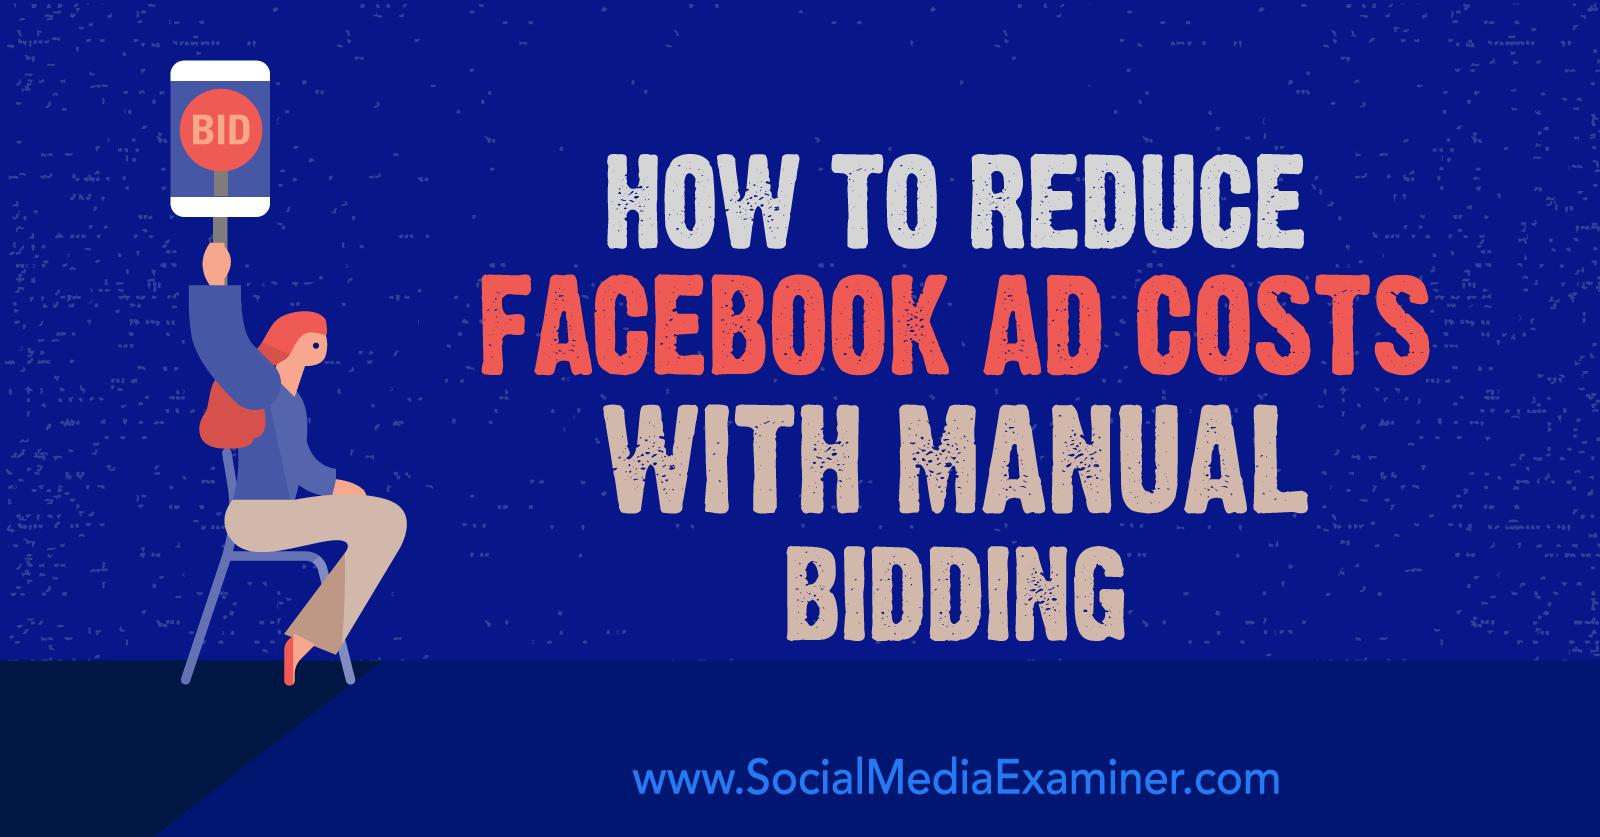 Cách giảm chi phí quảng cáo trên Facebook bằng cách đặt giá thầu thủ công của Lynsey Fraser trên Social Media Examiner.